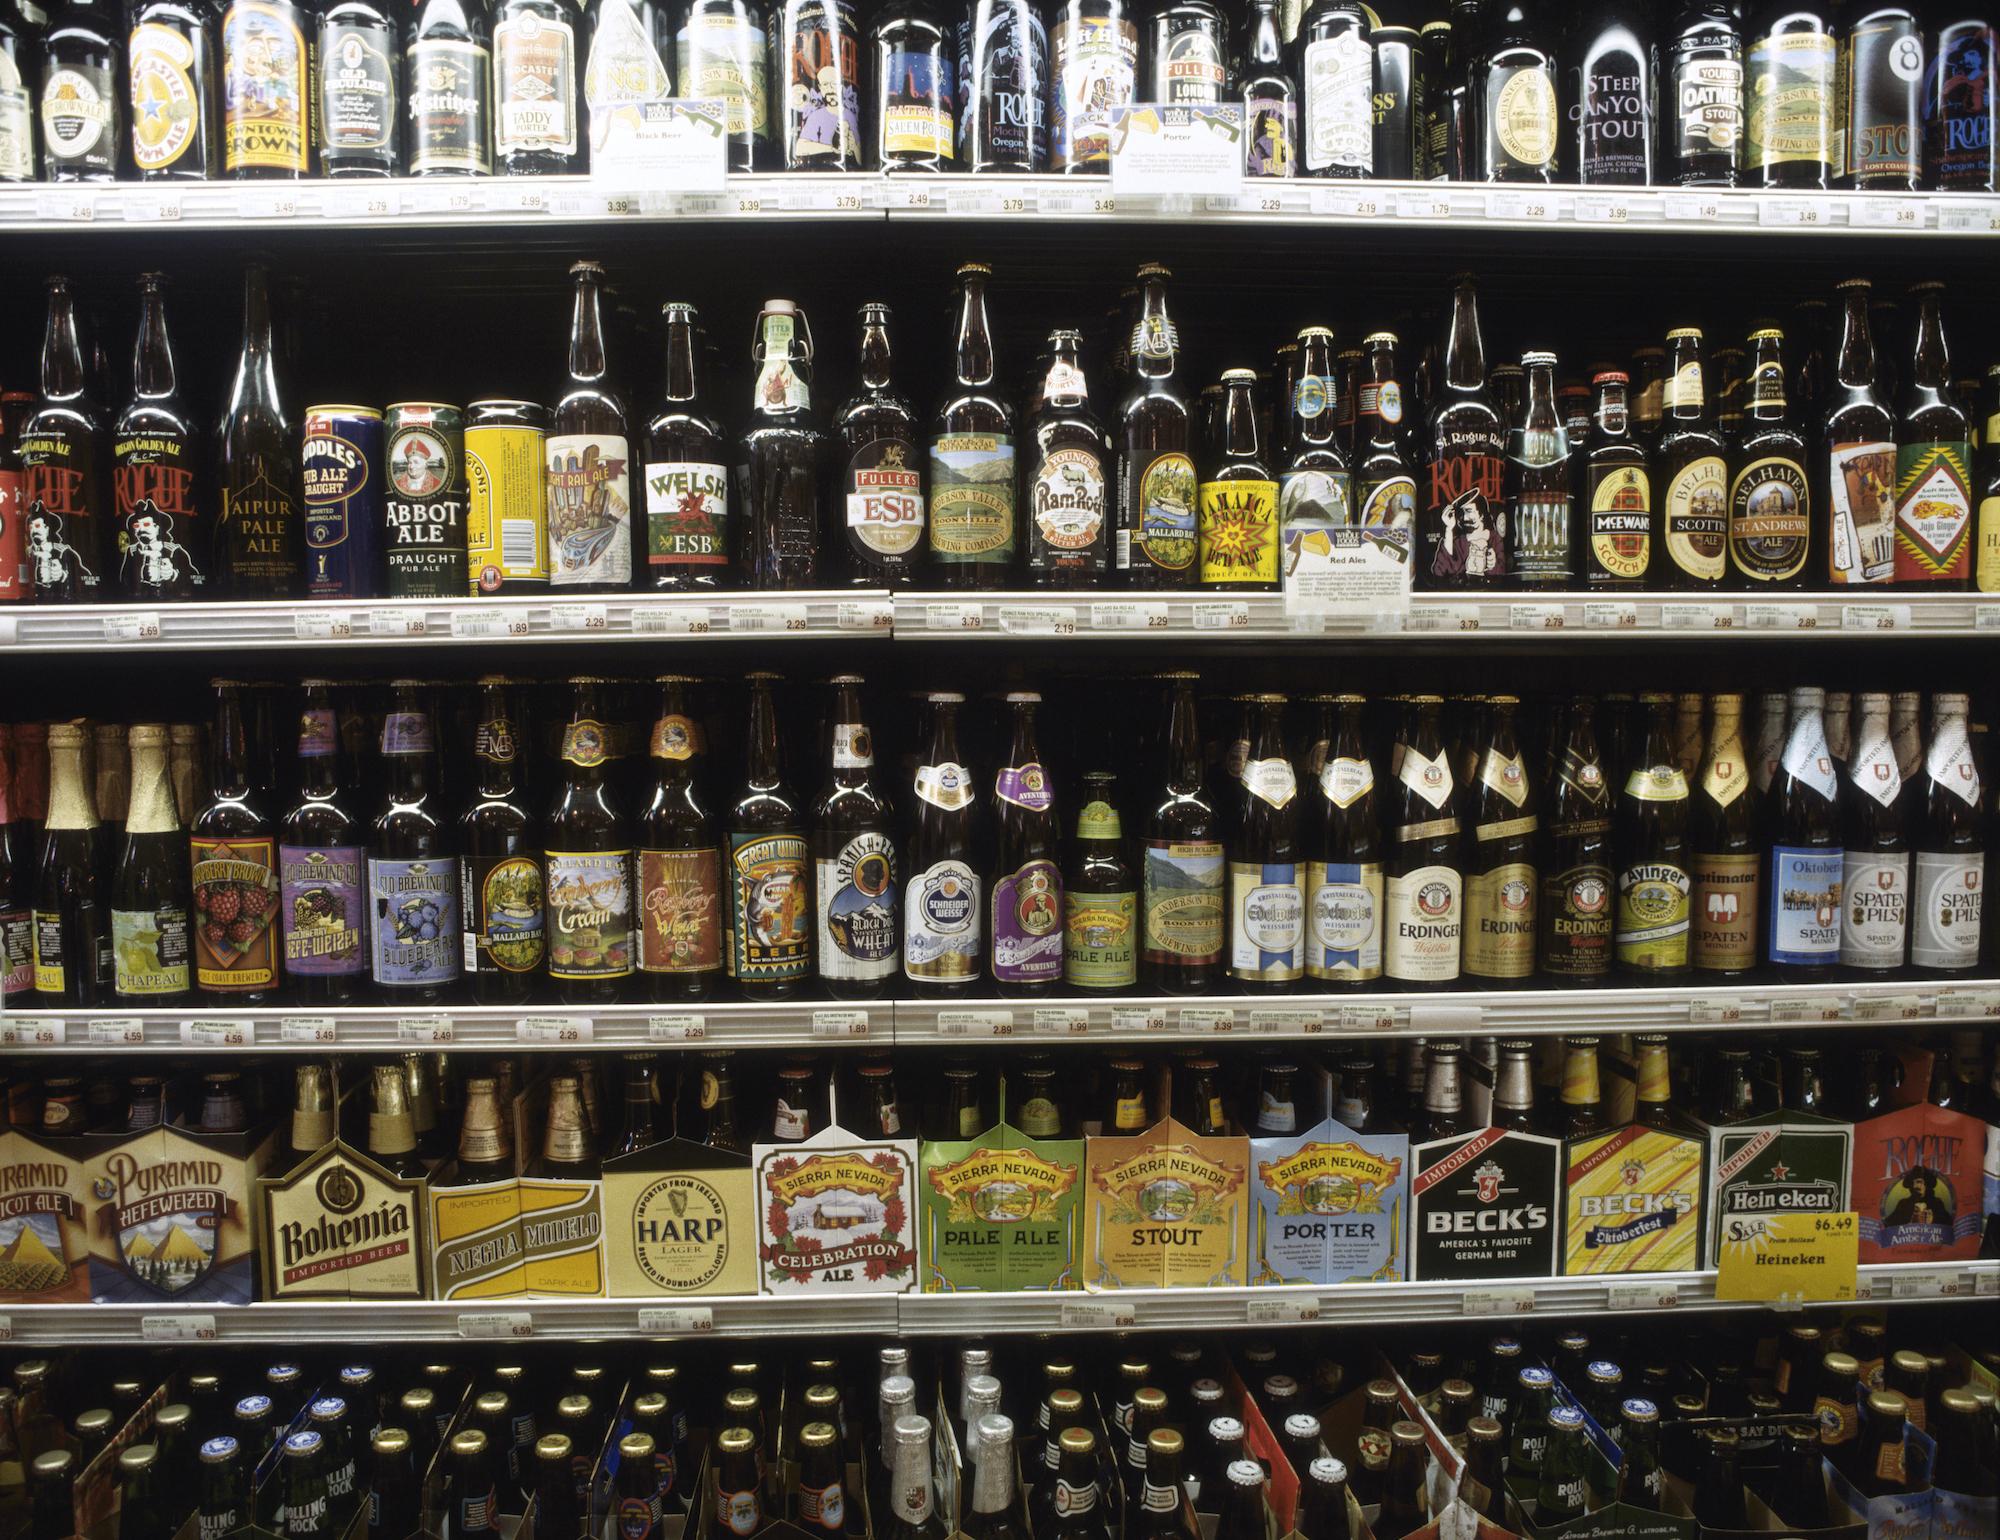 belgian-monks-brew-beer.jpg